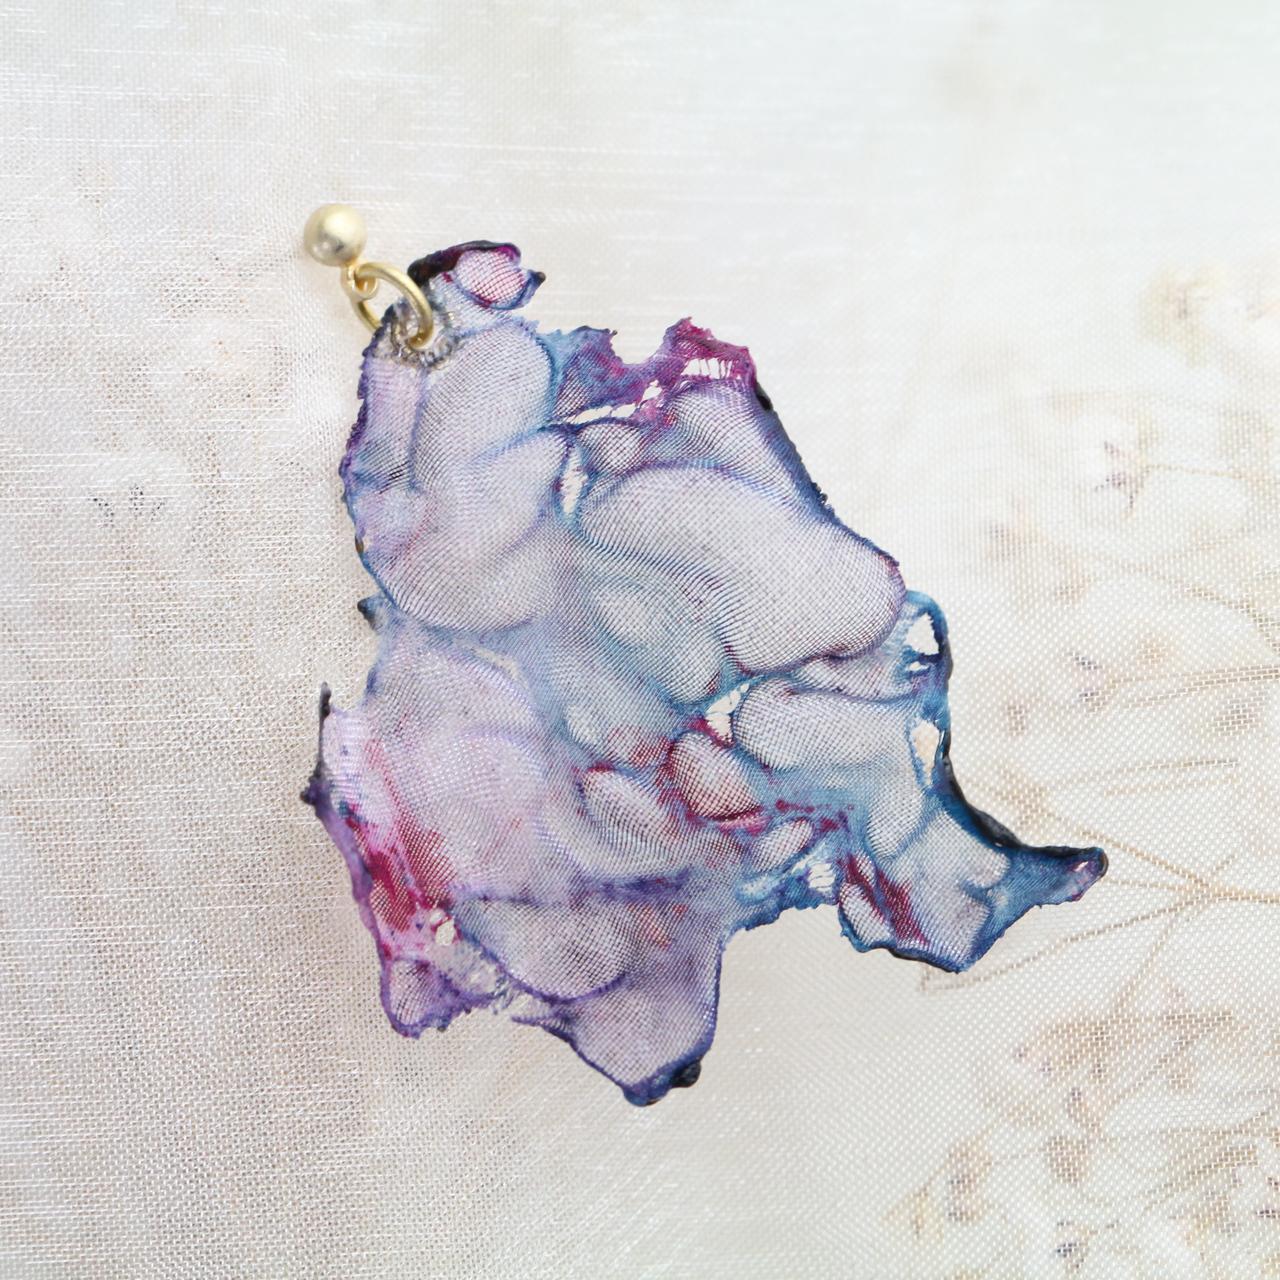 染めオーガンジーのアートピアス|ブルーピンク